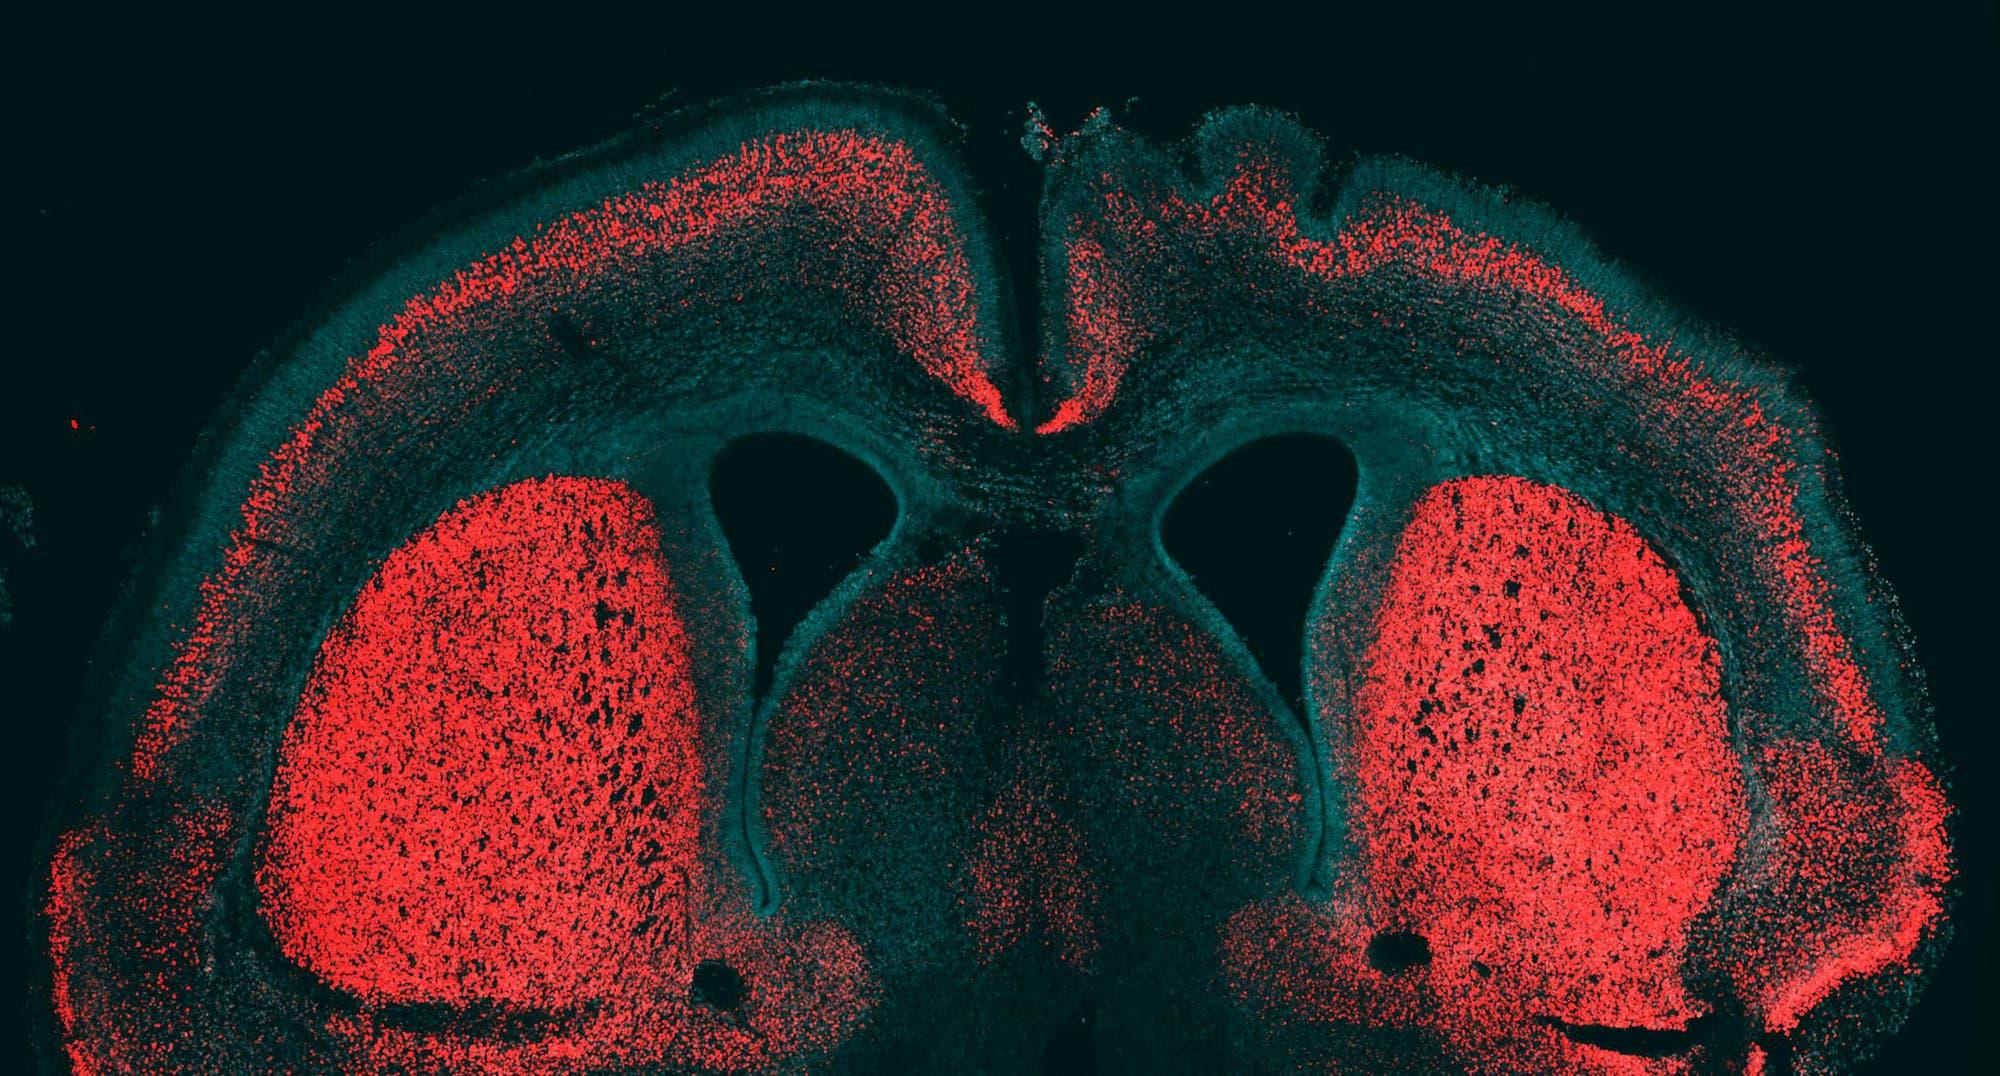 Großhirnrinde eines Mäuseembryos